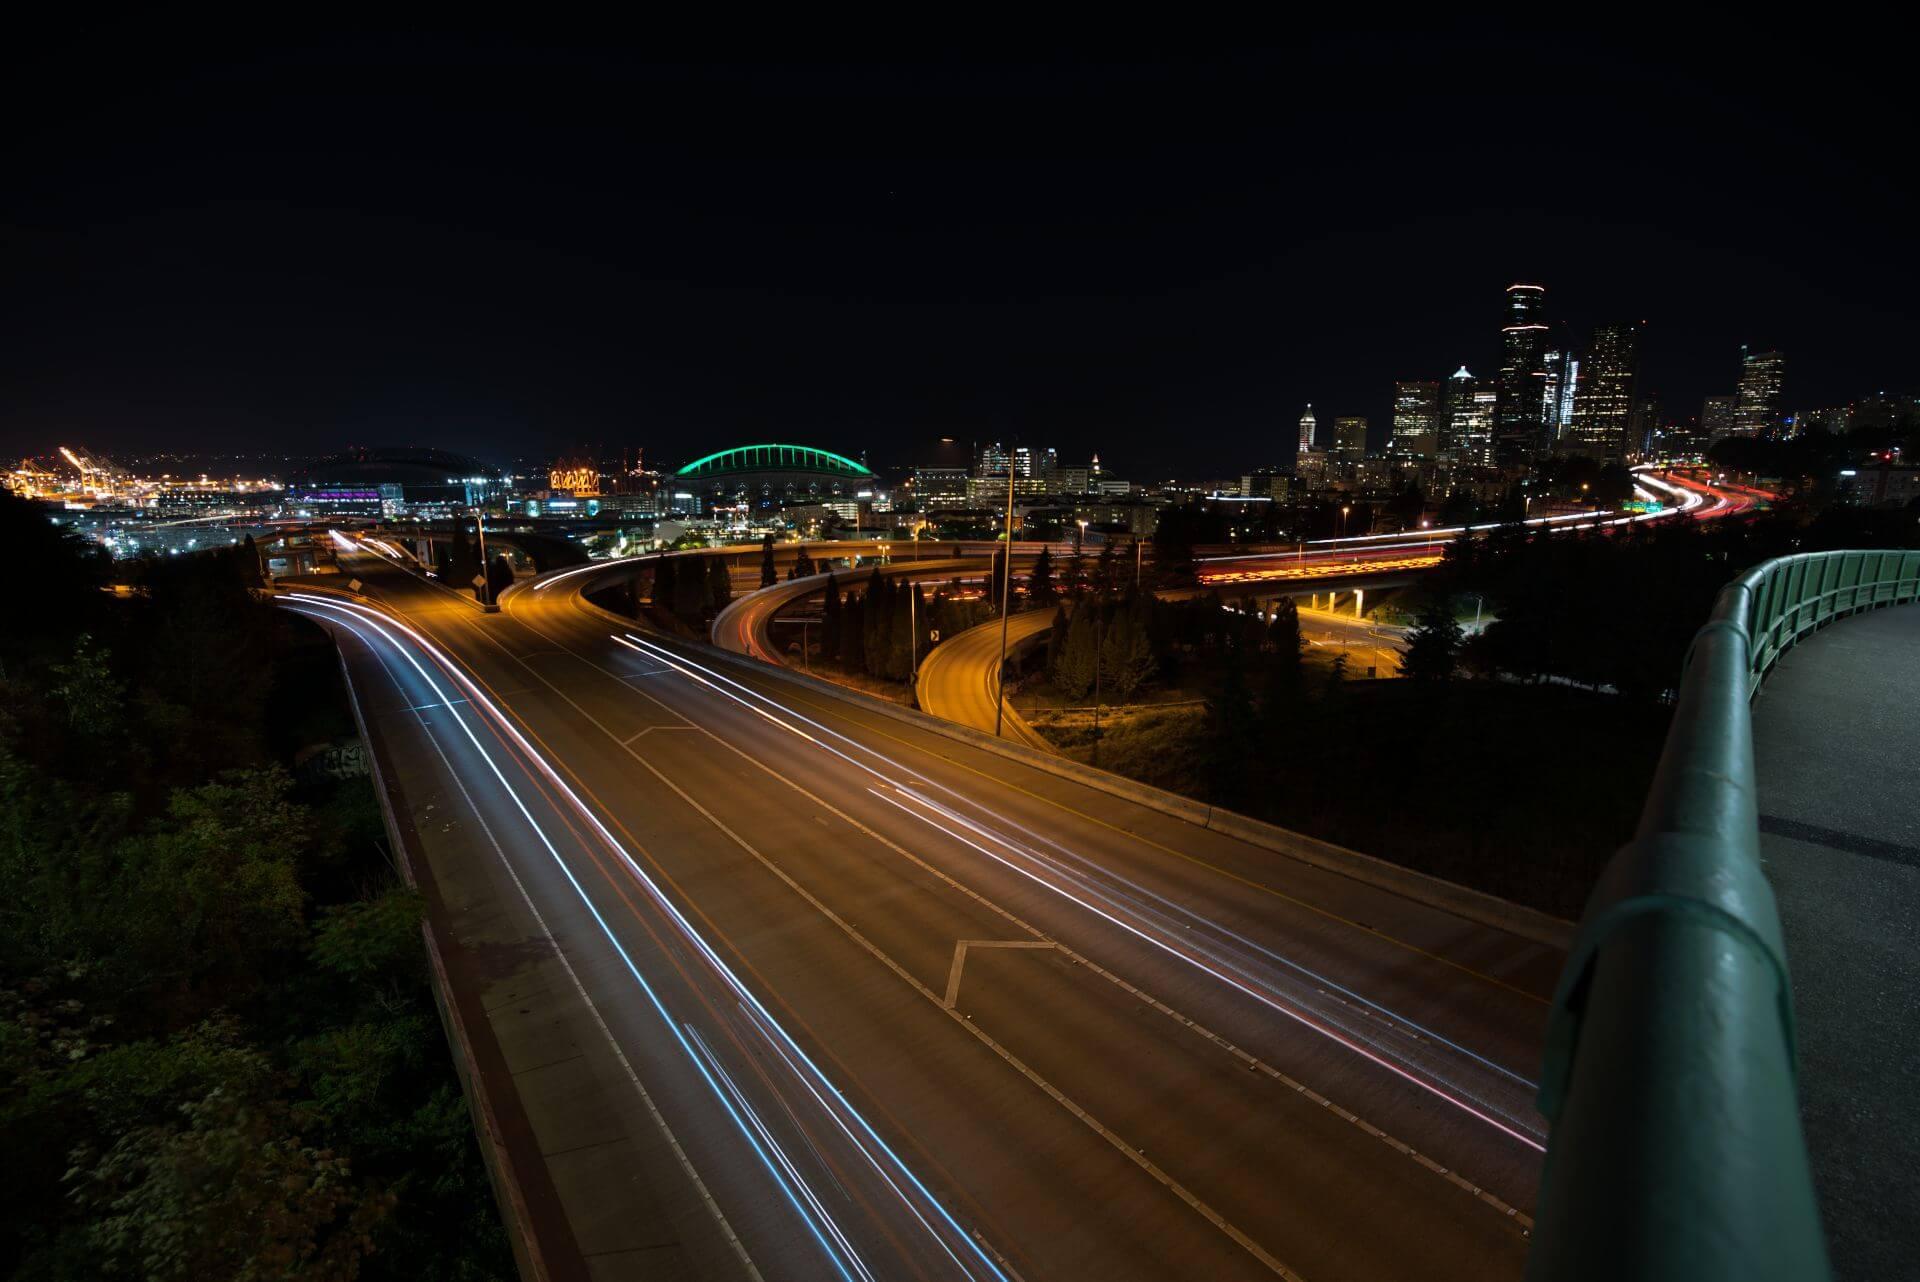 https://sleeklens.com/wp-content/uploads/2020/01/Traffic-Before.jpg